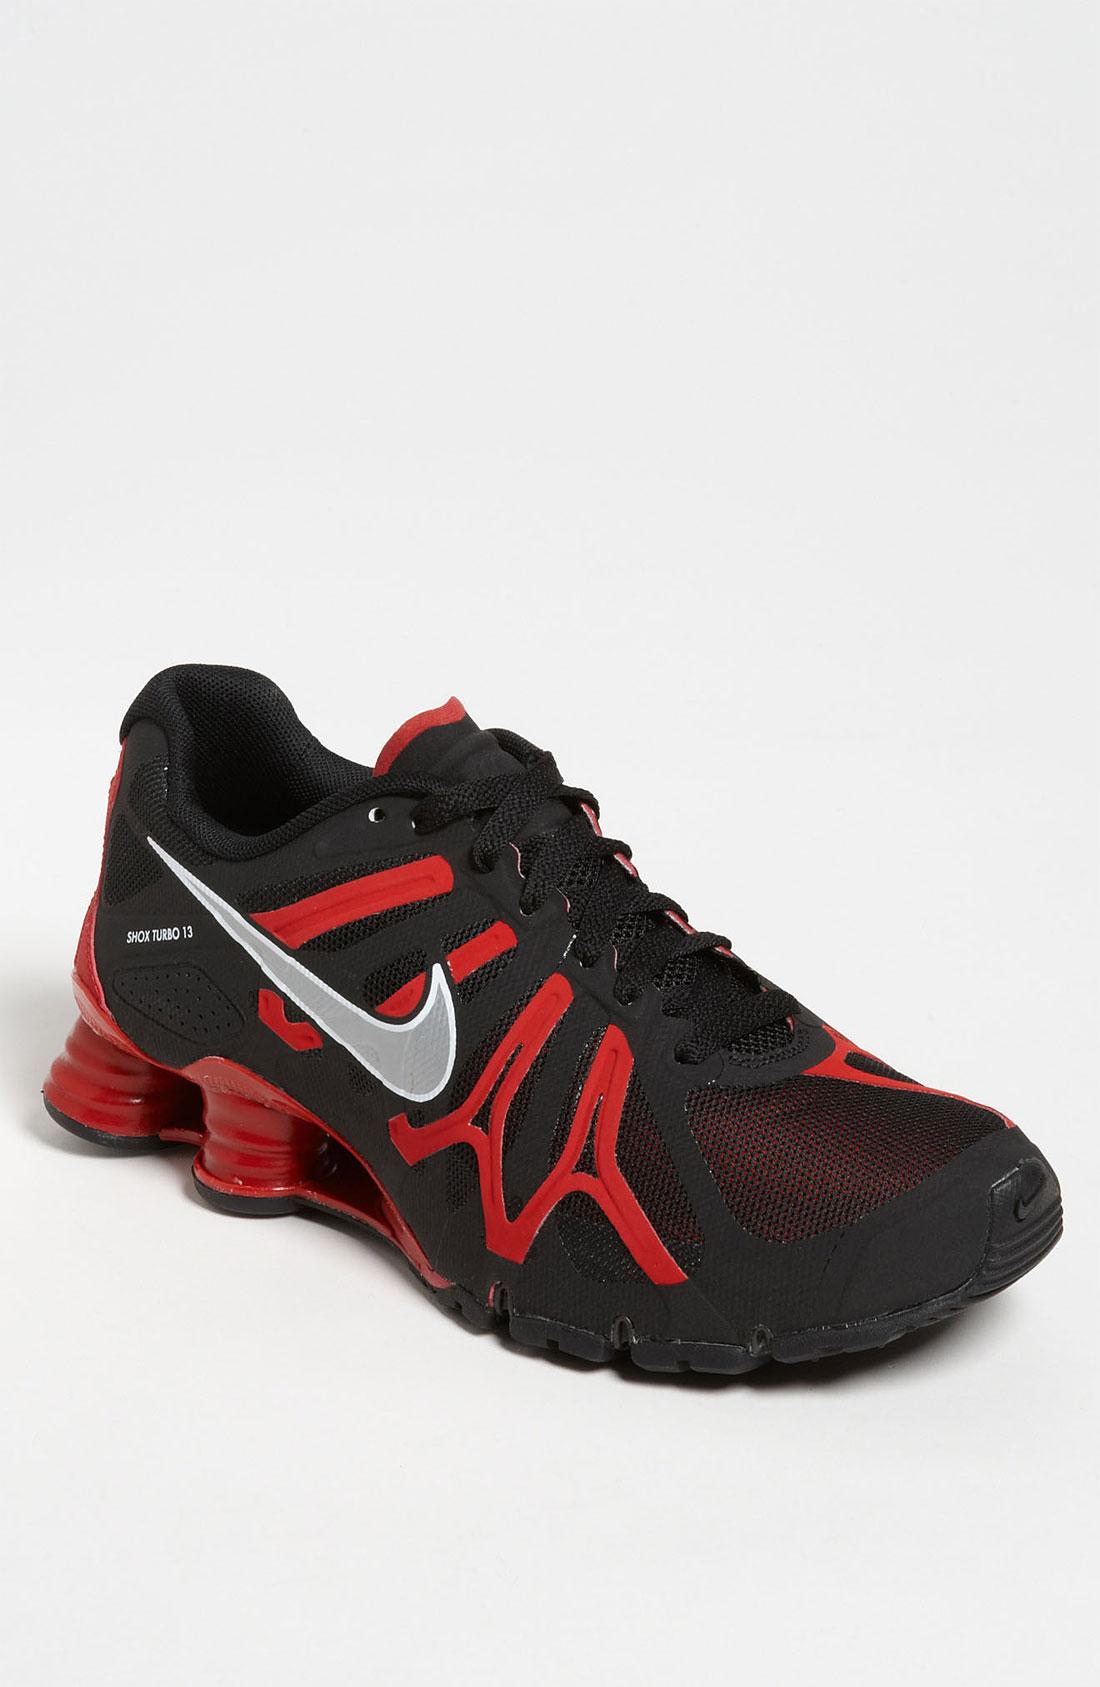 Nike Shox Turbo Black Red